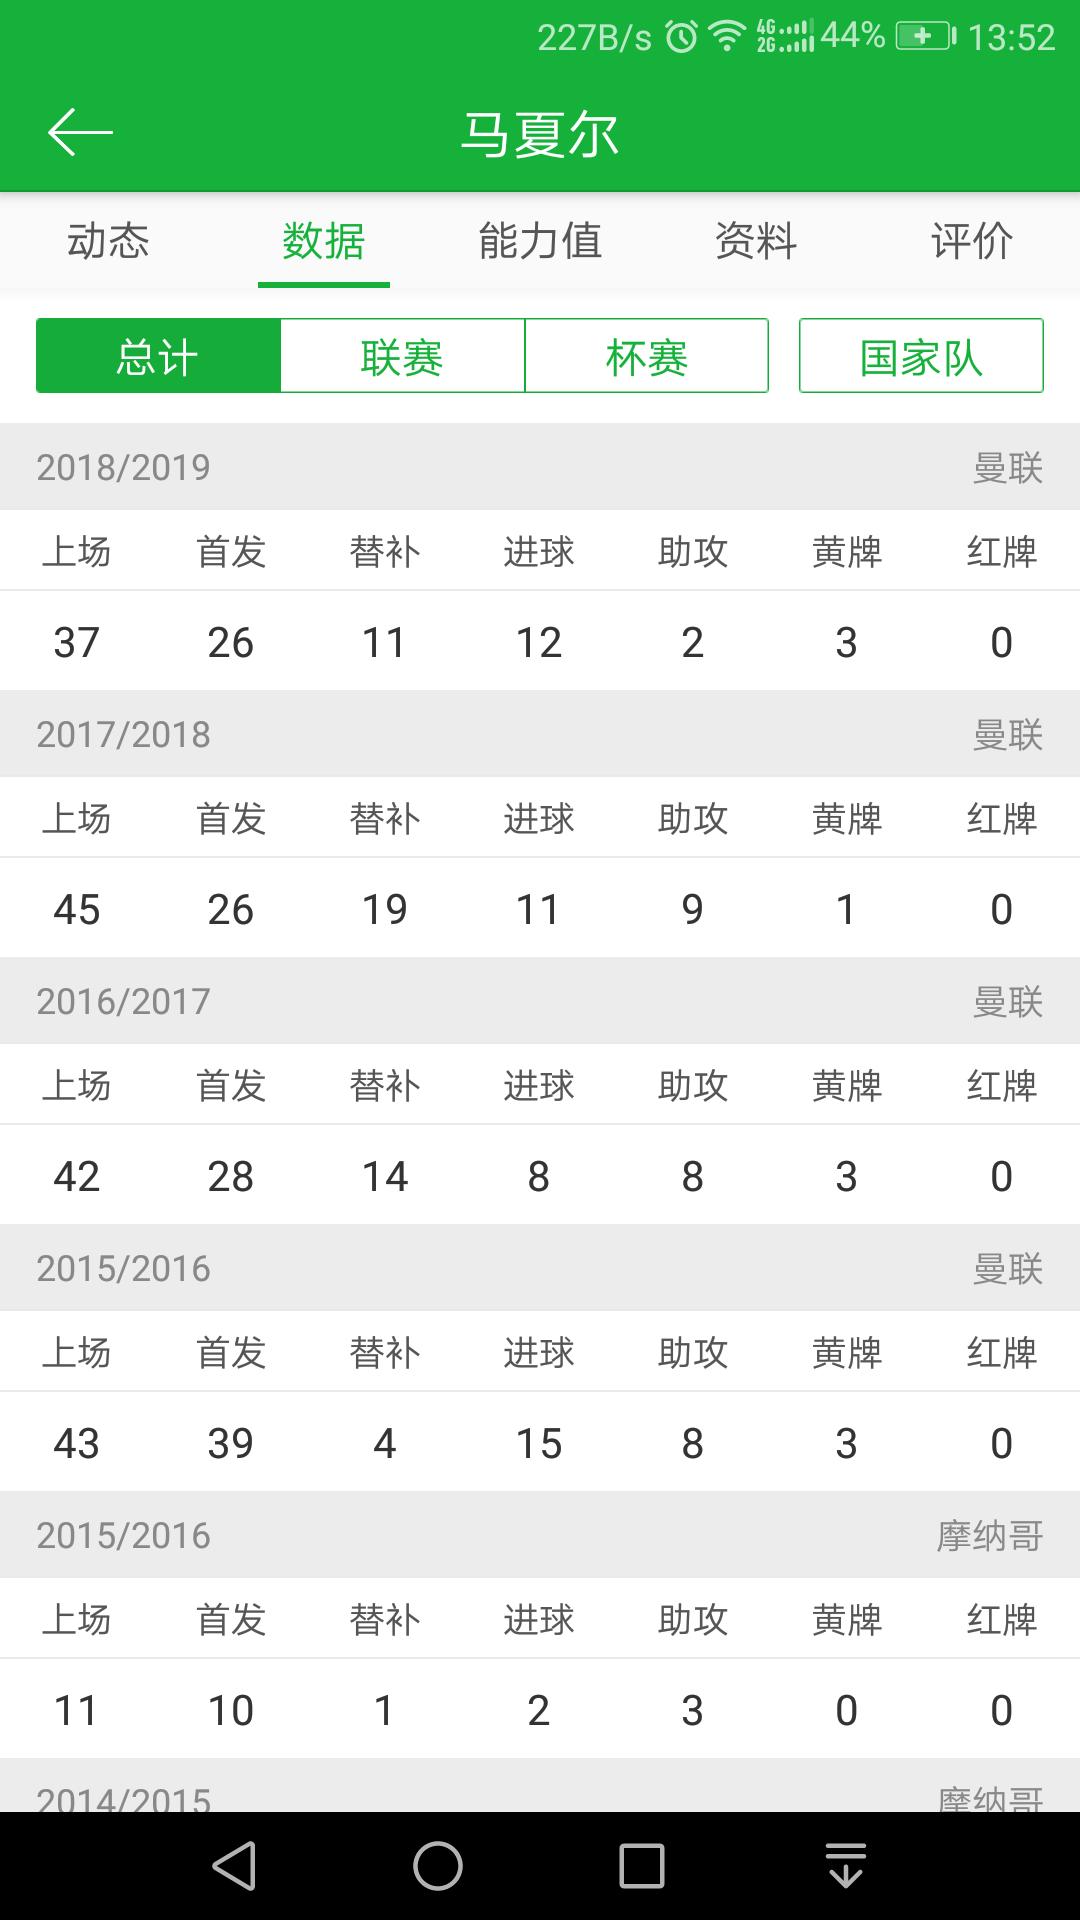 都说马夏尔第一个赛季惊艳啥的,查了下数据很一般吧  足球话题区